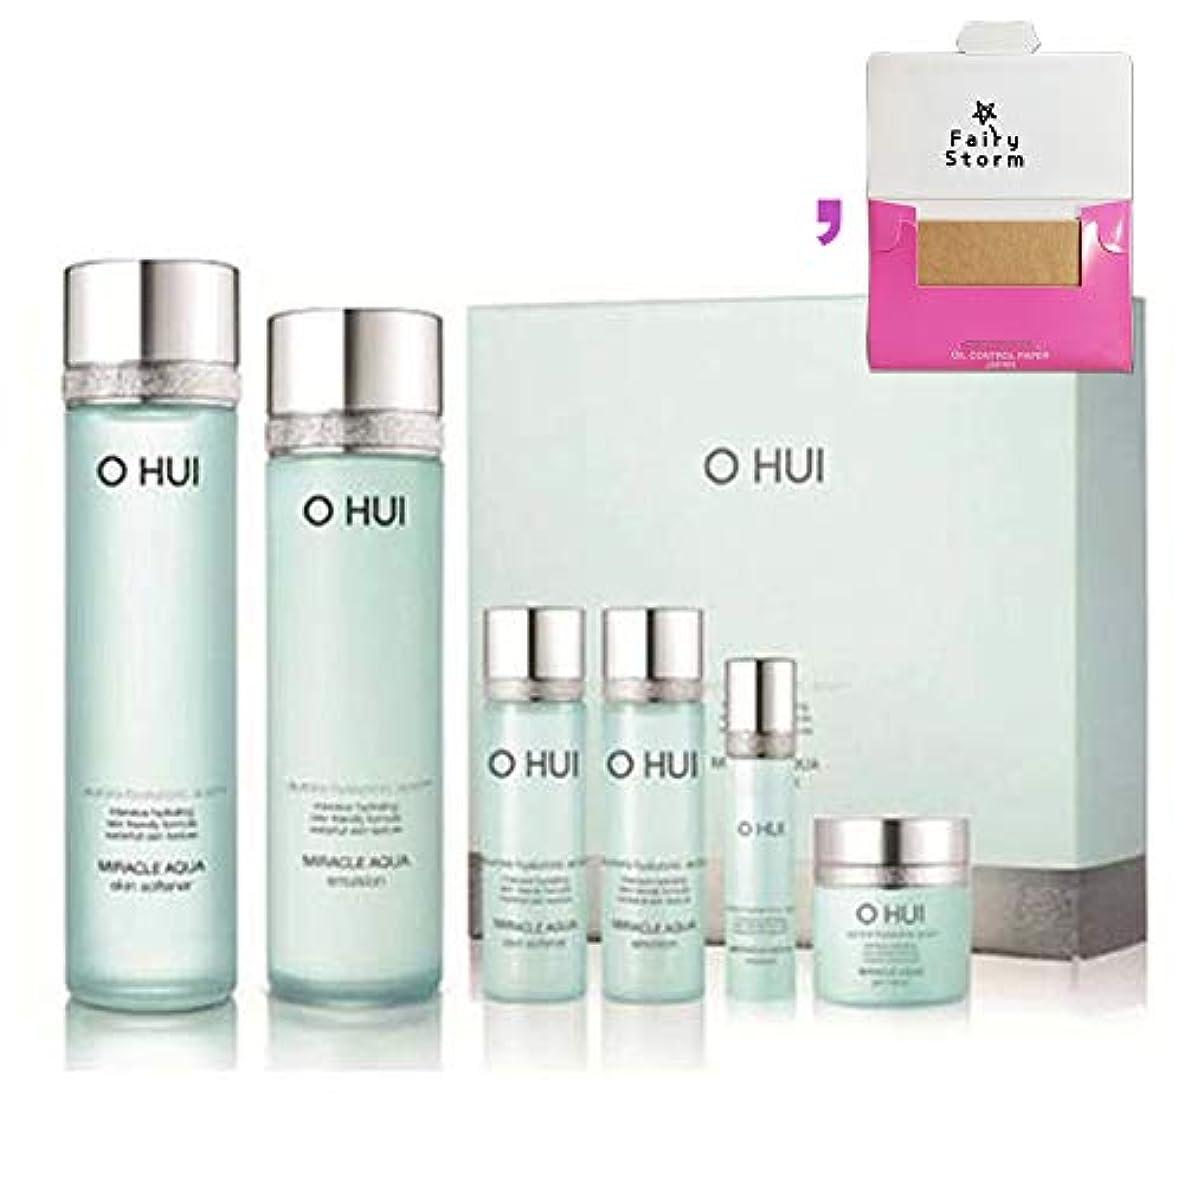 上院嵐スライス[オフィ/O HUI]韓国化粧品LG生活健康/O HUI MIRACLE AQUA SPECIAL 2EA SET/ミラクルアクア 2種セット+[Sample Gift](海外直送品)